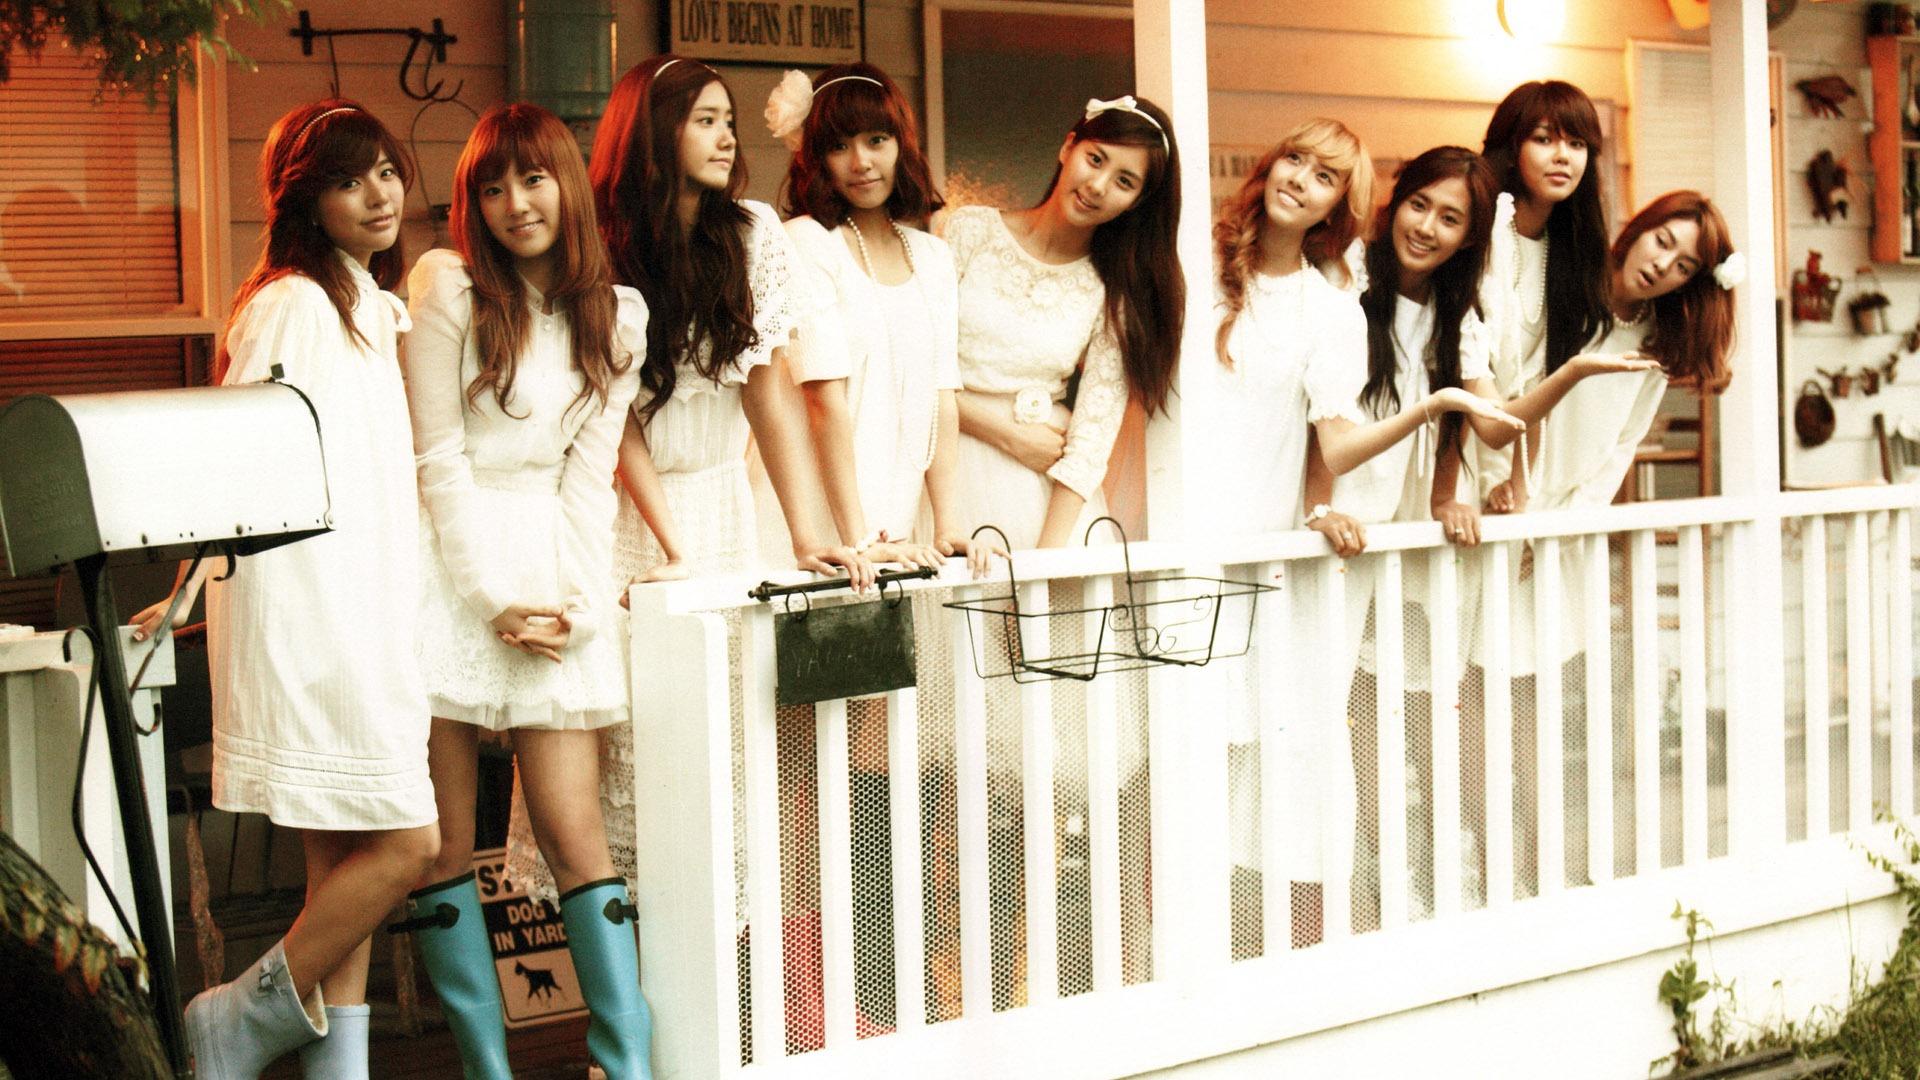 SNSD 少女時代 소녀시대 1st写真集 in Tokyo